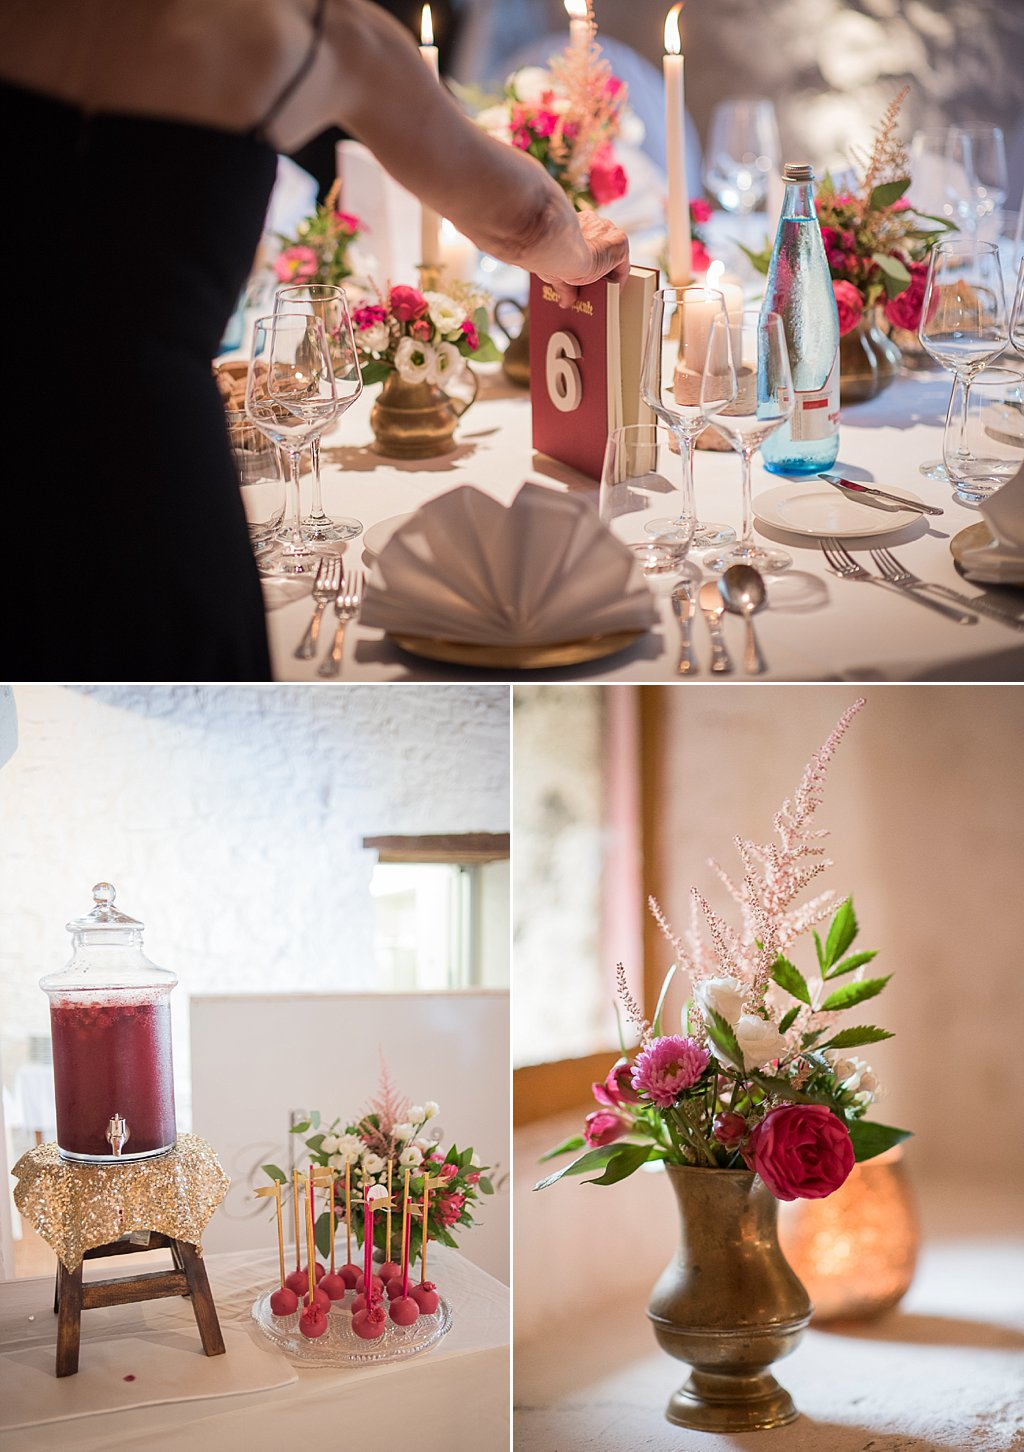 Buch als Tischnummer Blumenstrauß Bordeaux pink